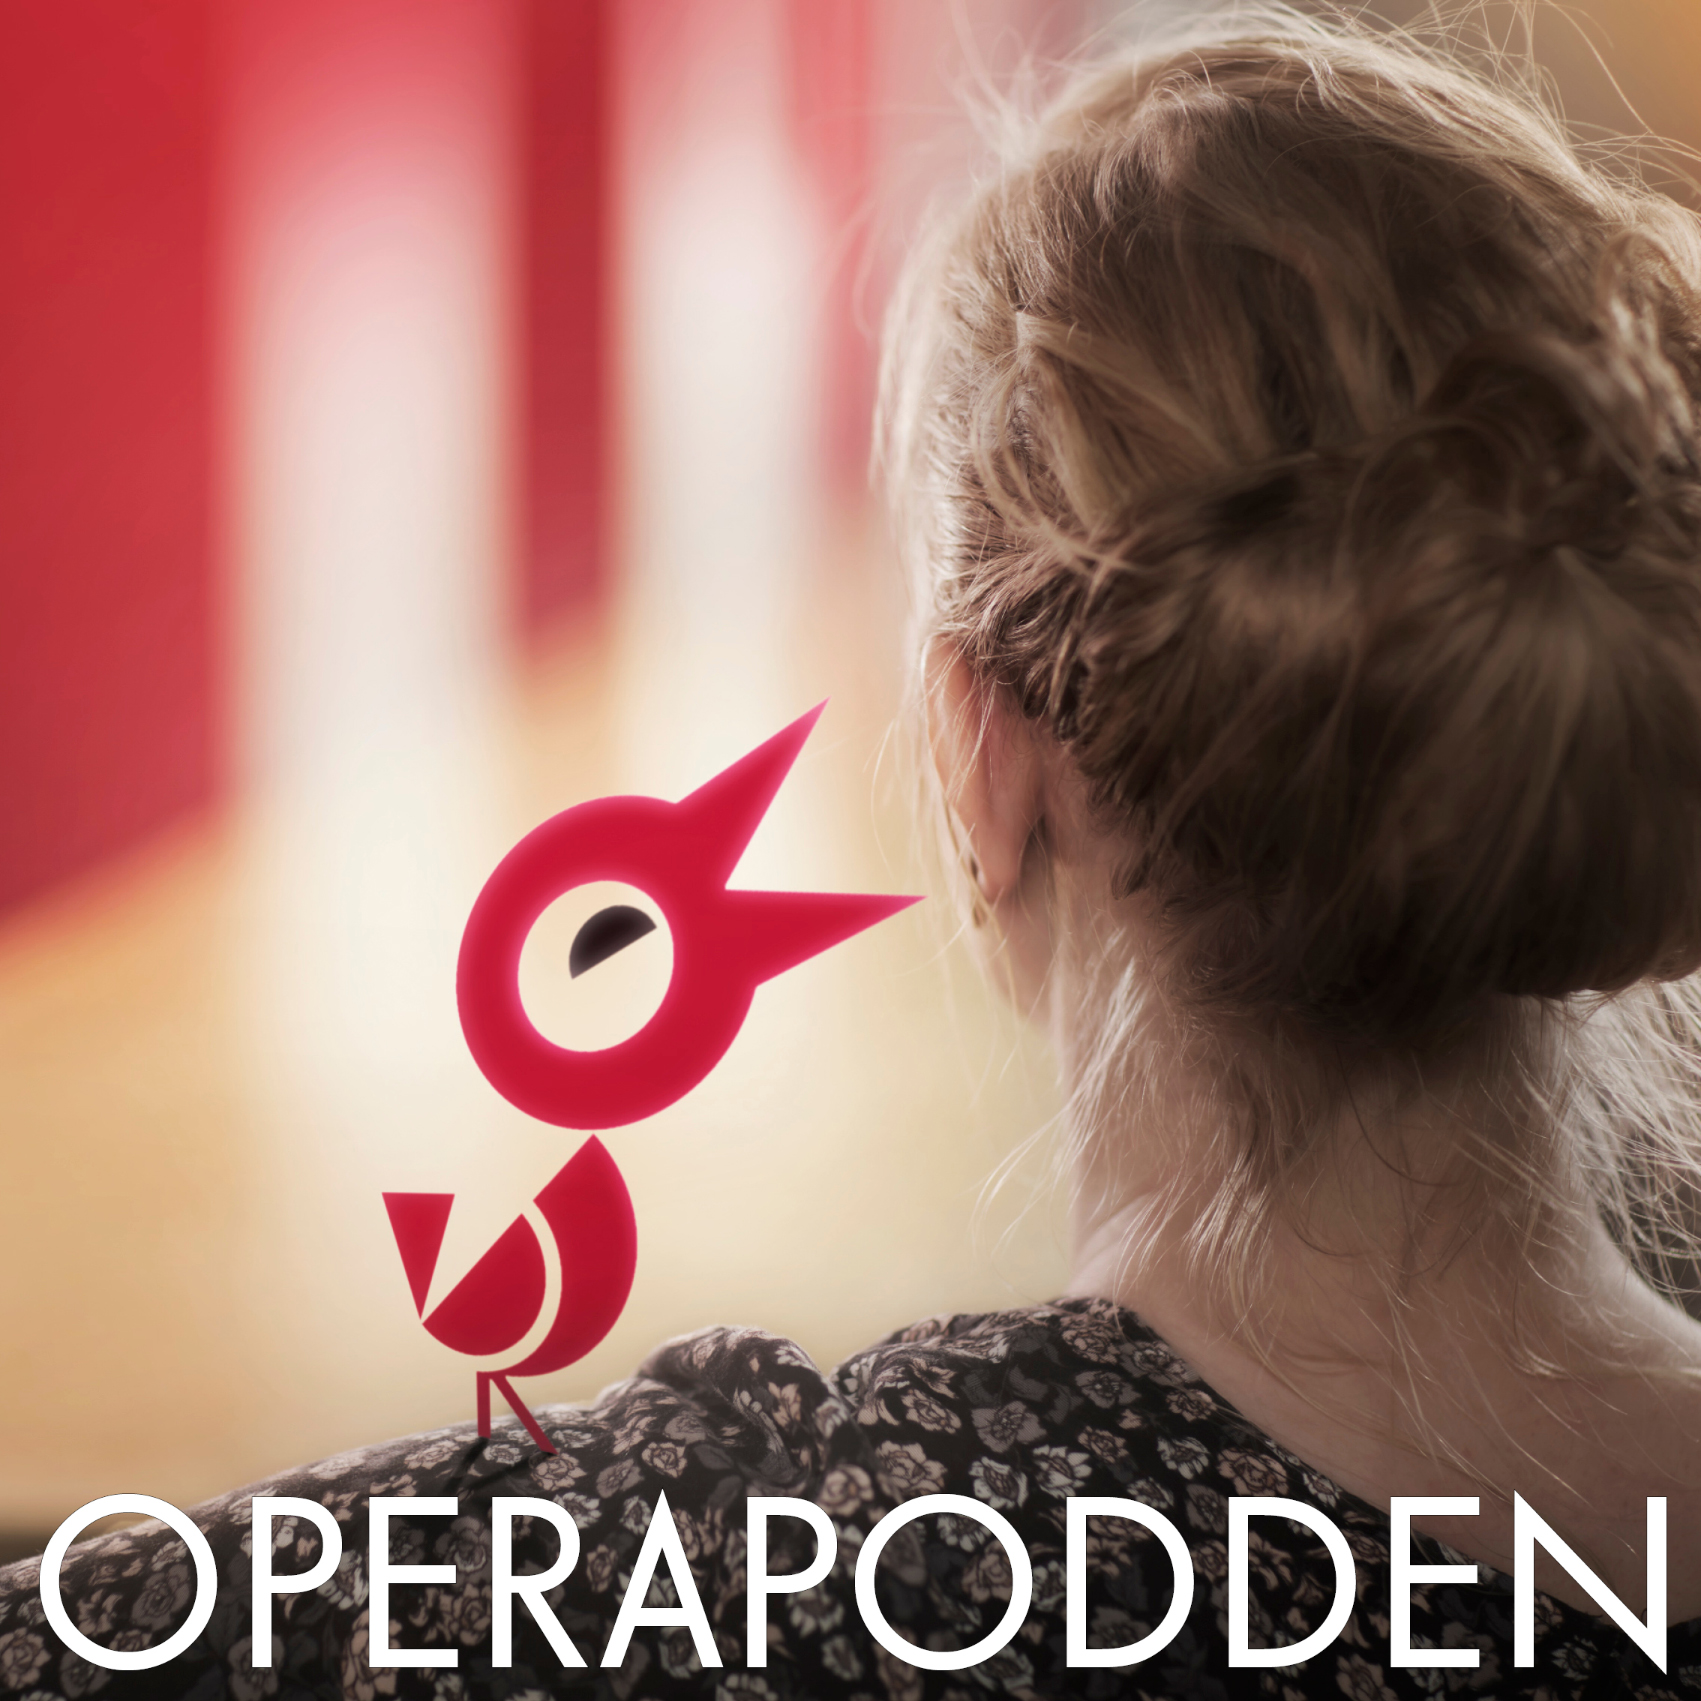 Operapodden